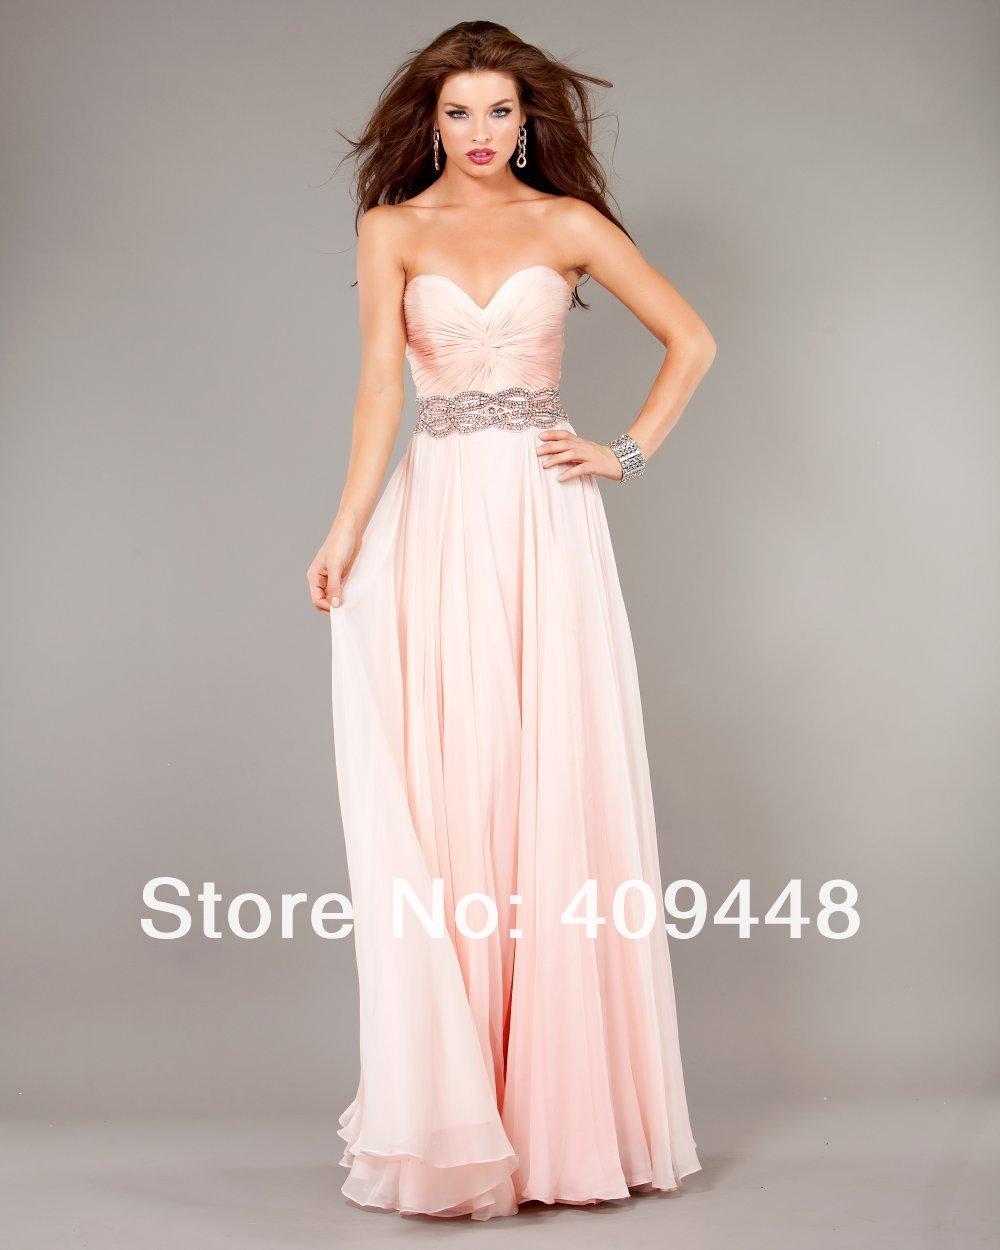 liebsten perlen rosa langes kleid kleid jv kleider 4 in. Black Bedroom Furniture Sets. Home Design Ideas